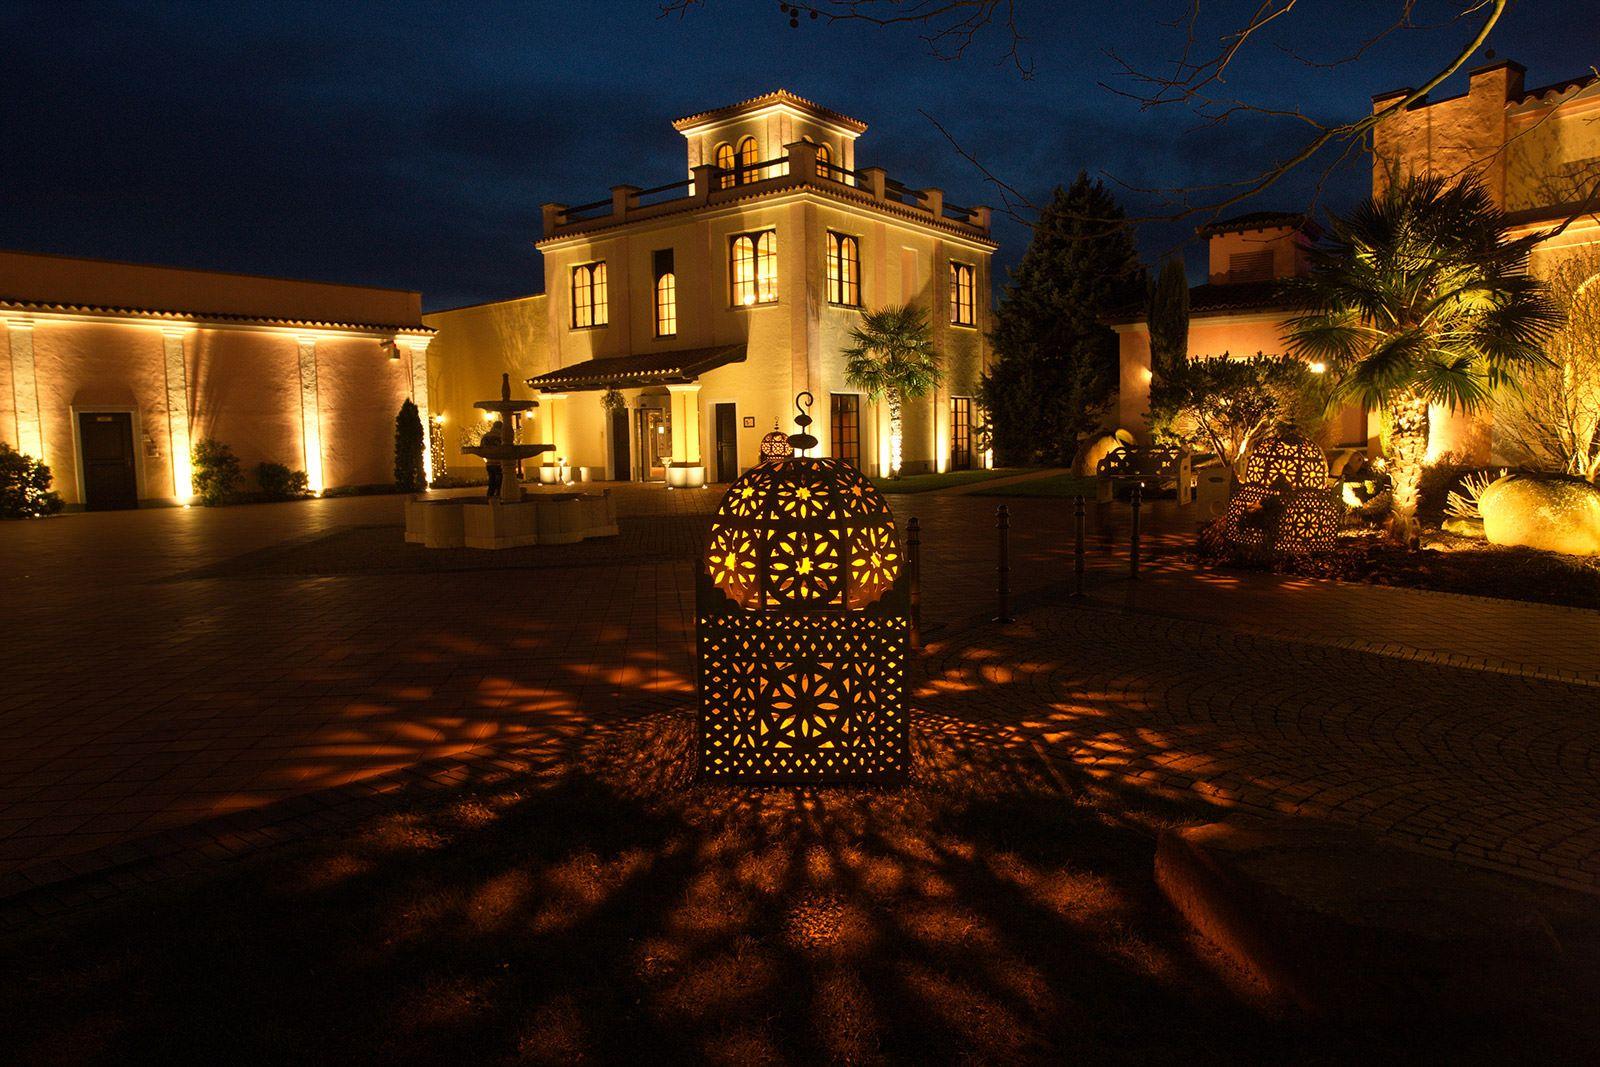 Aussenbeleuchtung Fur Das Mediterana Gartenbeleuchtung Aussenbeleuchtung Beleuchtung